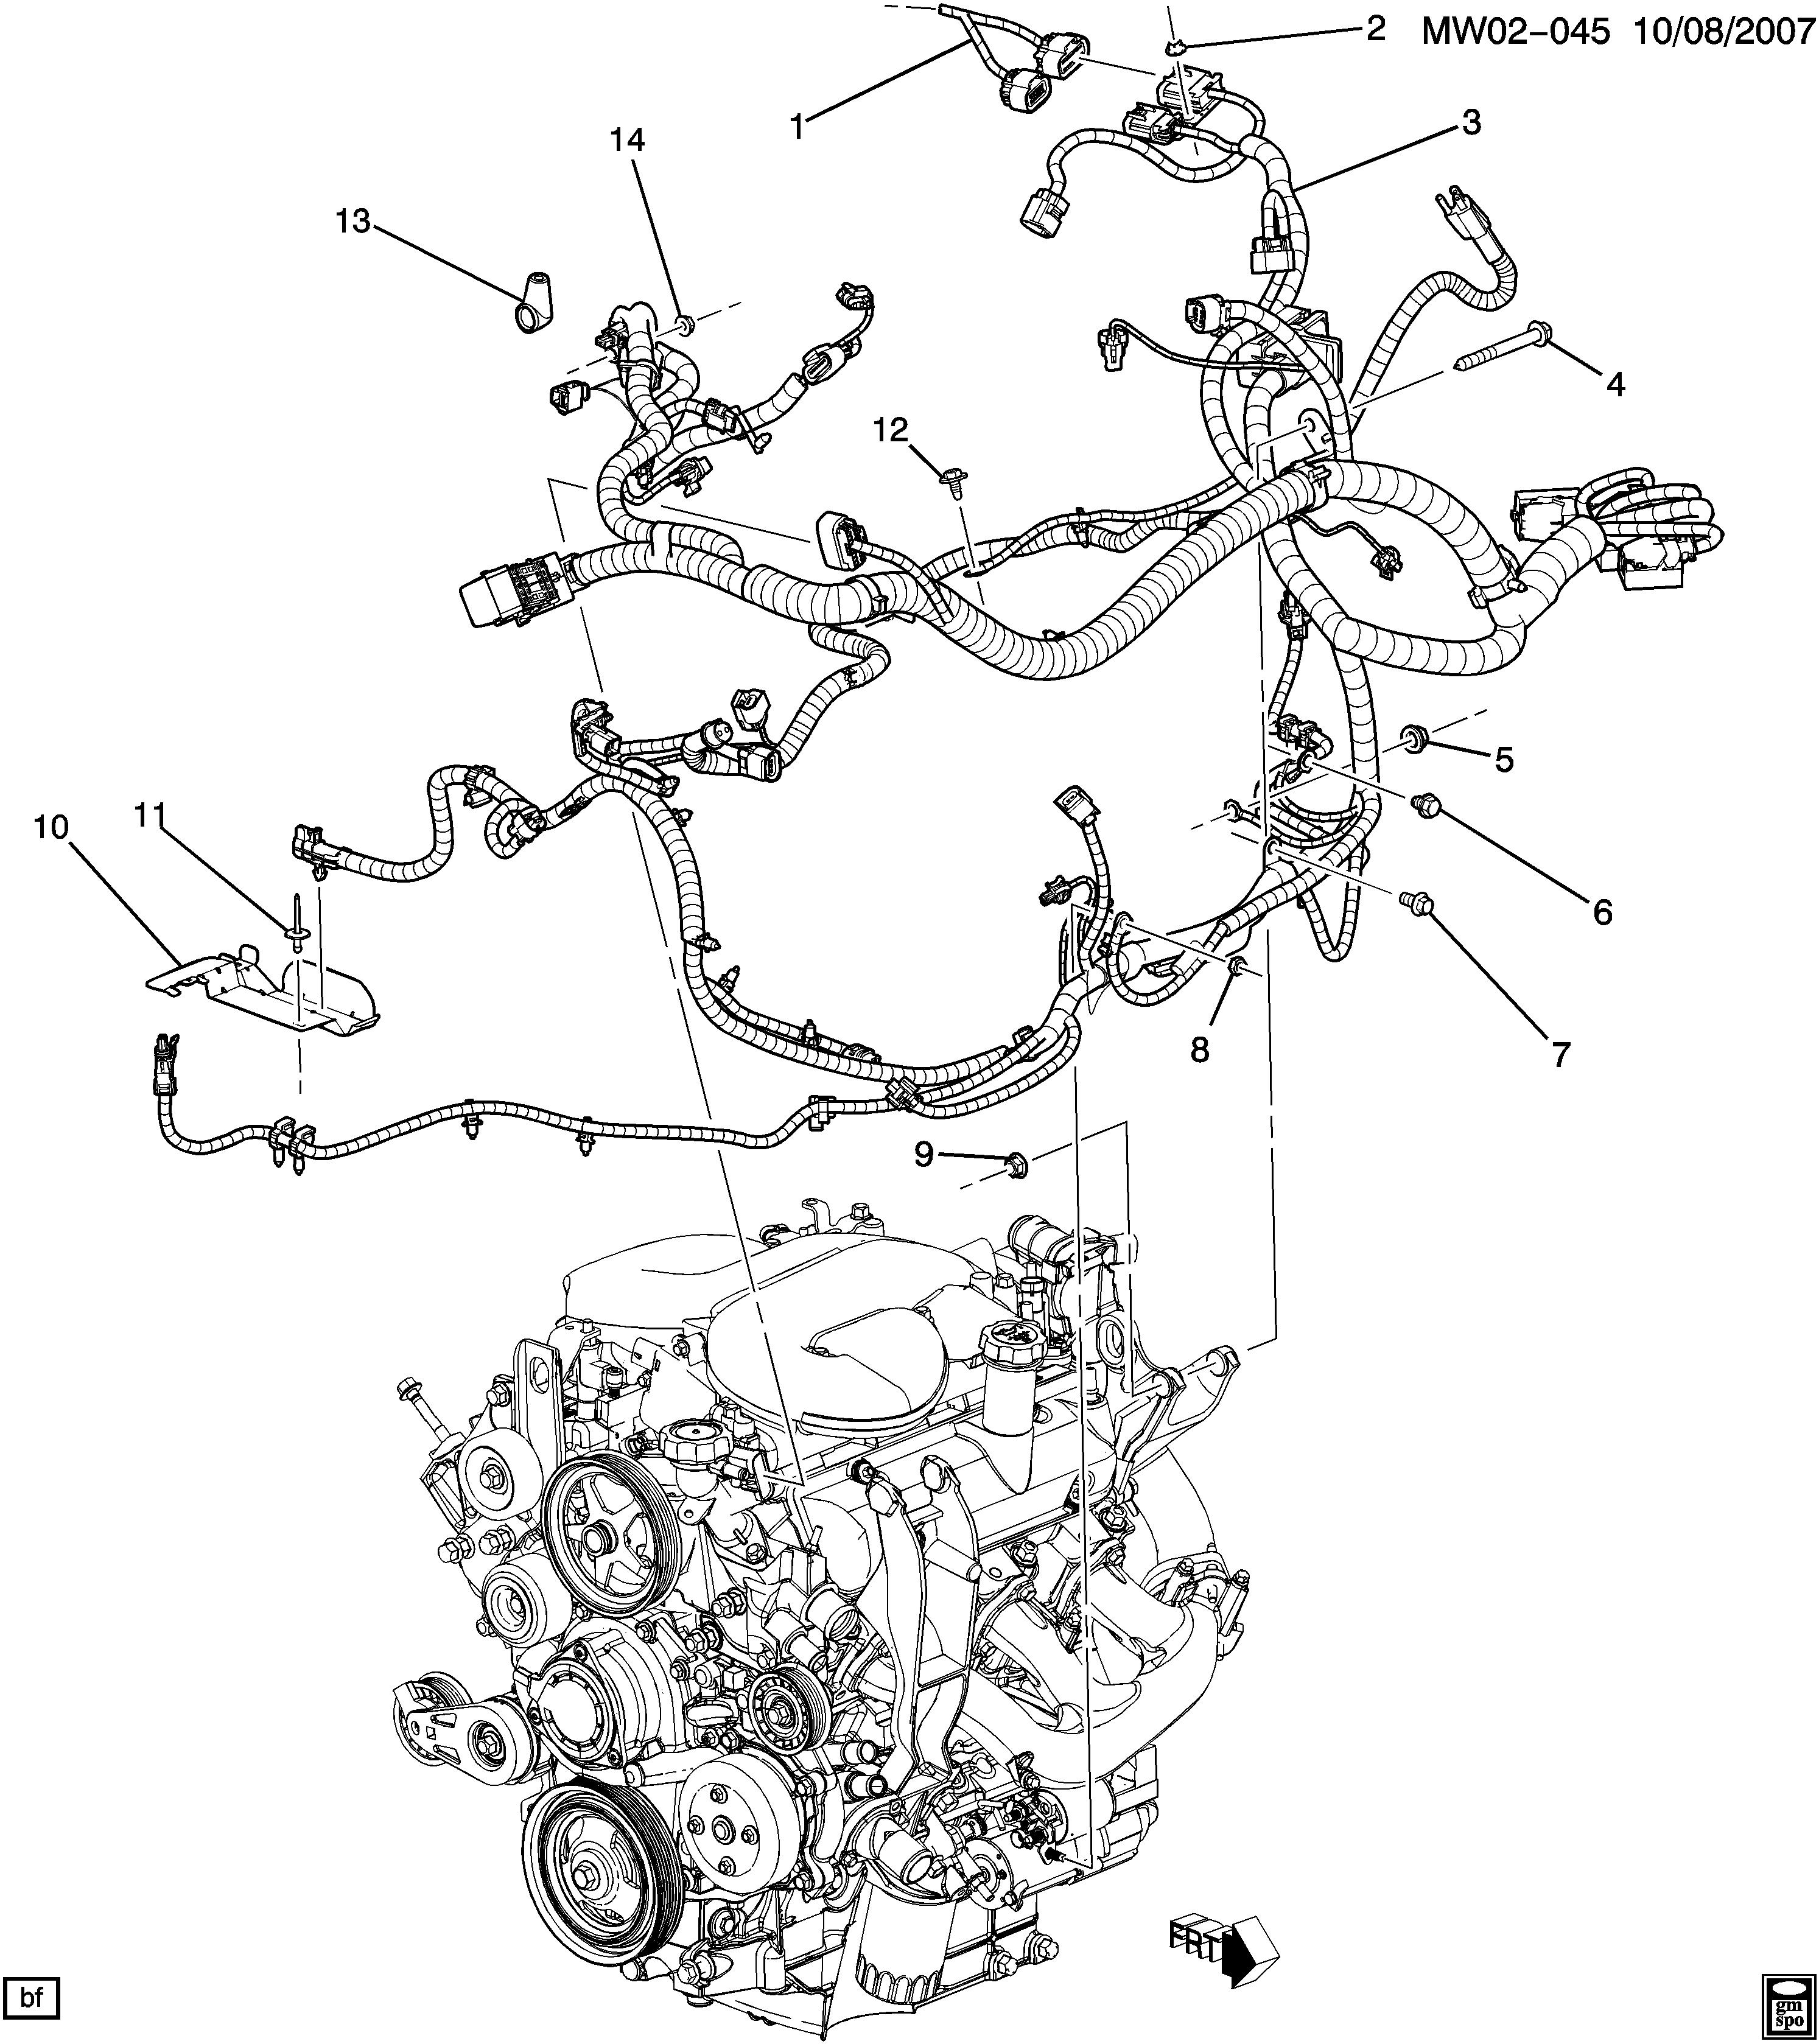 [ZTBE_9966]  Impala Wiring Harness - Pollak 7 Pin Round Wiring Diagram for Wiring Diagram  Schematics | 2007 Chevy Impala Engine Diagram |  | Wiring Diagram Schematics